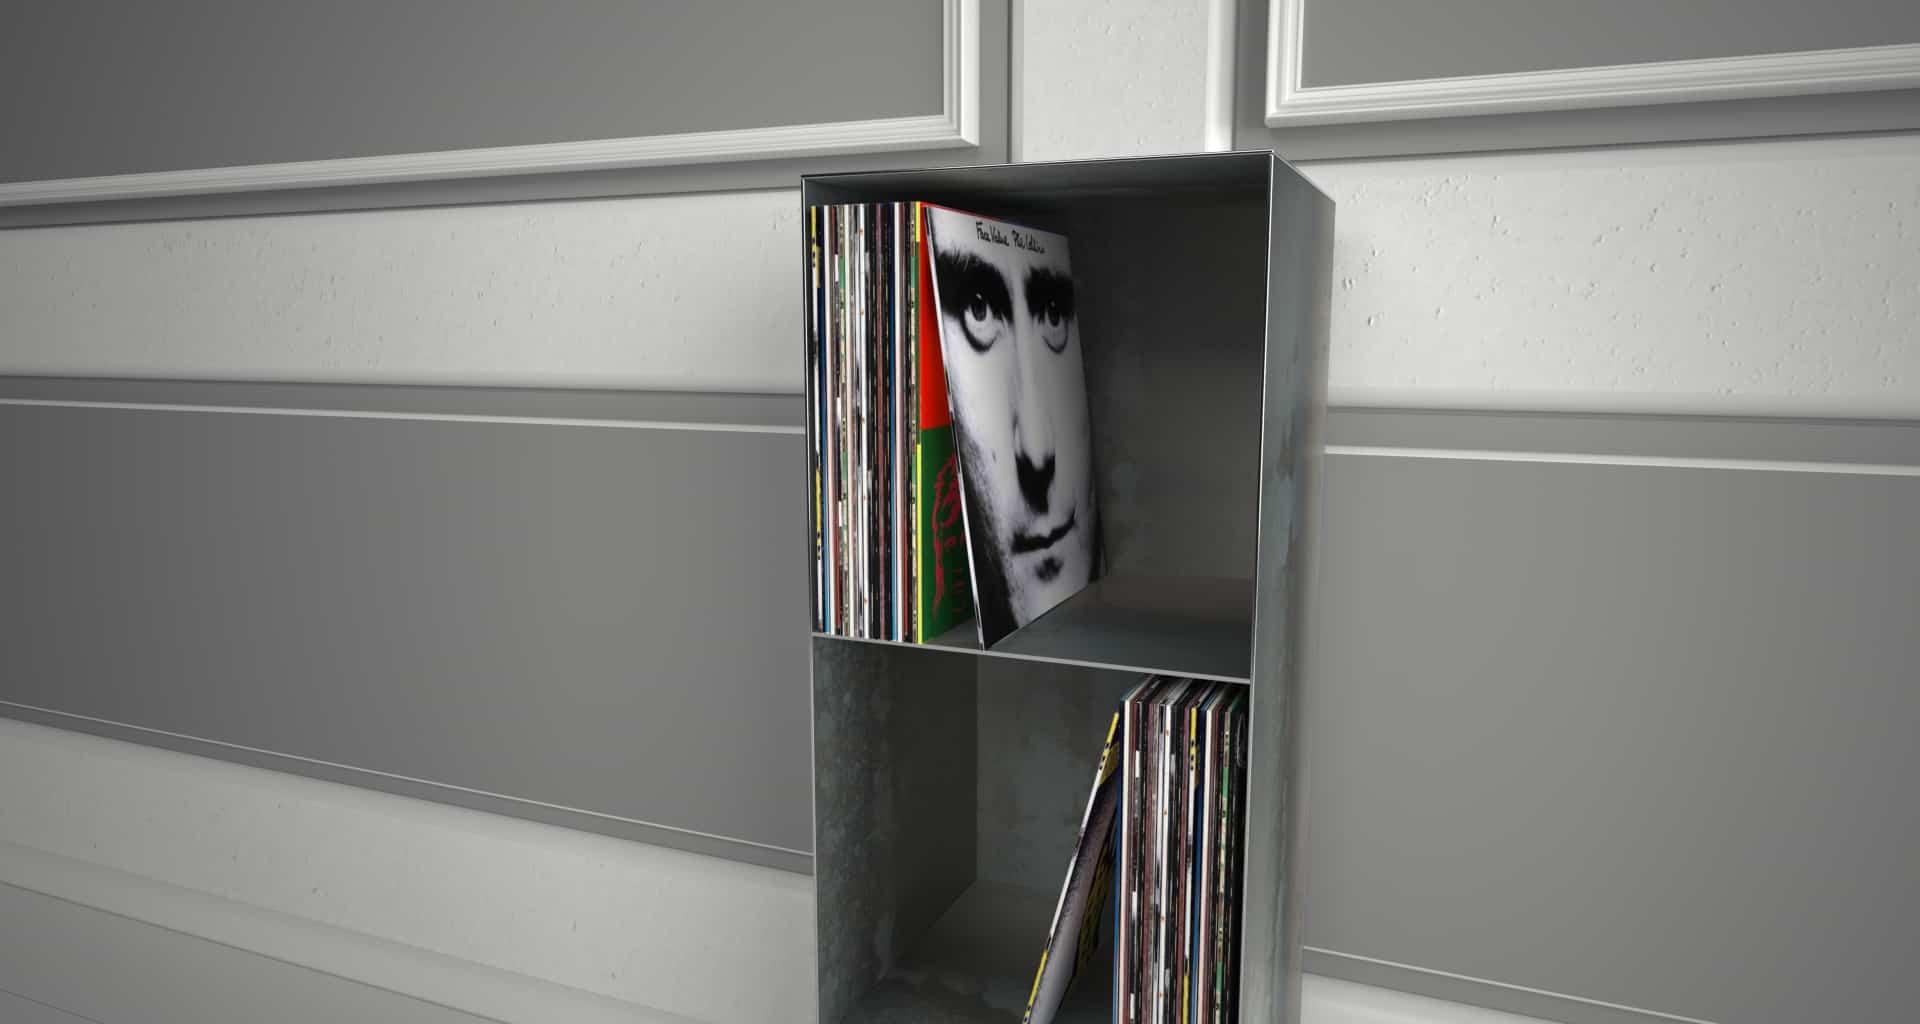 Design Metallmöbel Vinyl-Platten-Regal Mehrzweck-Aufbewahrung aus Stahl Stahlzart timeless design